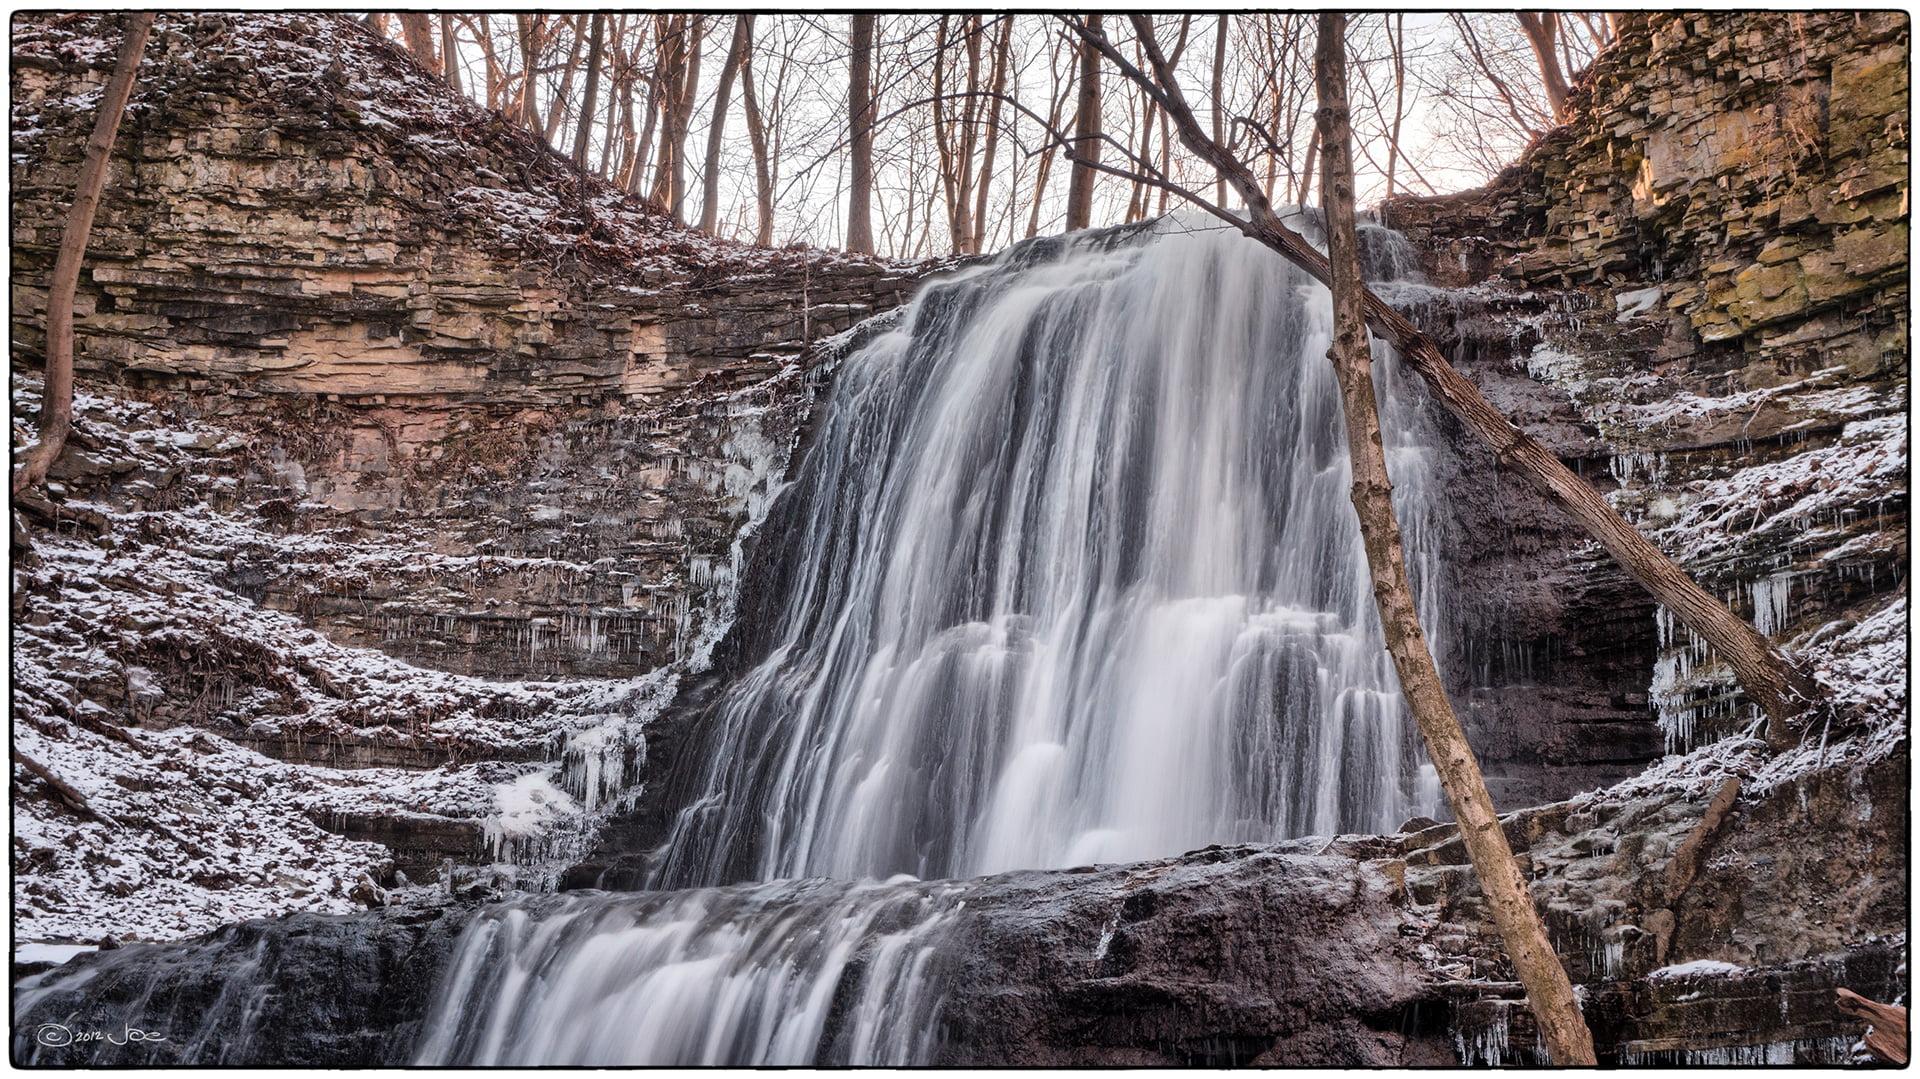 Sherman Falls in Hamilton, Ontario, Canada - photo by Joe deSousa under CC0 1.0